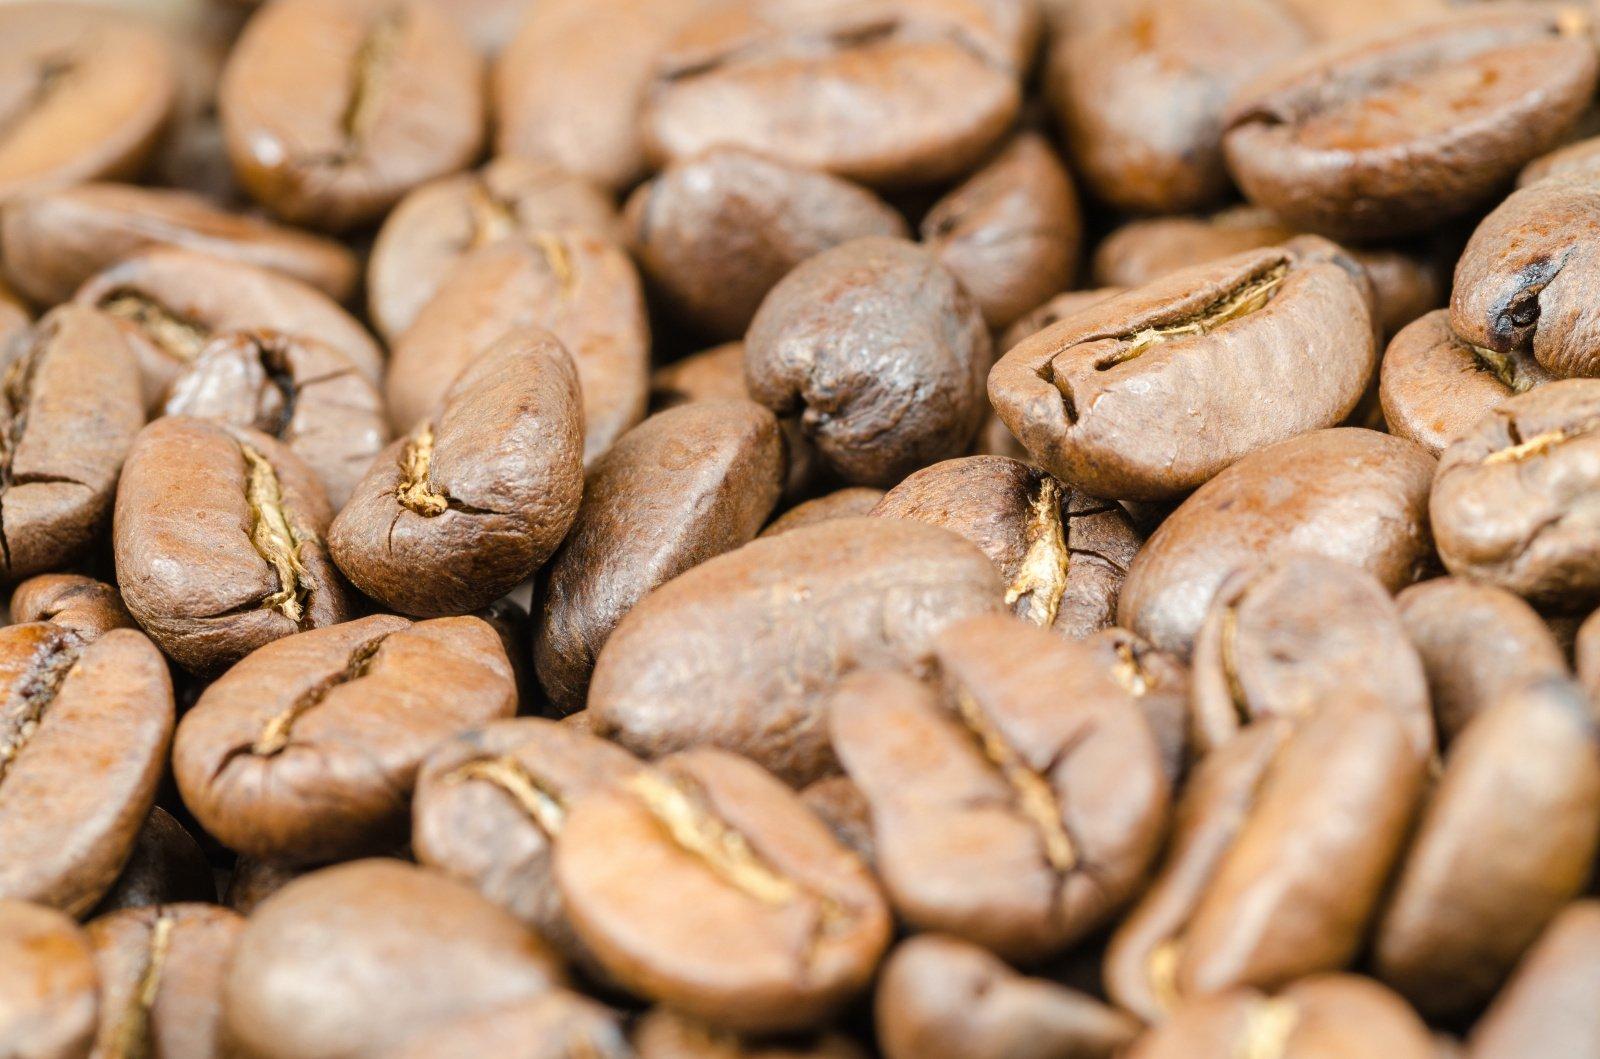 COMMERCIAL, FINE COMMERCIAL И SPECIALTY. Чем отличаются и как производятся разные категории кофе